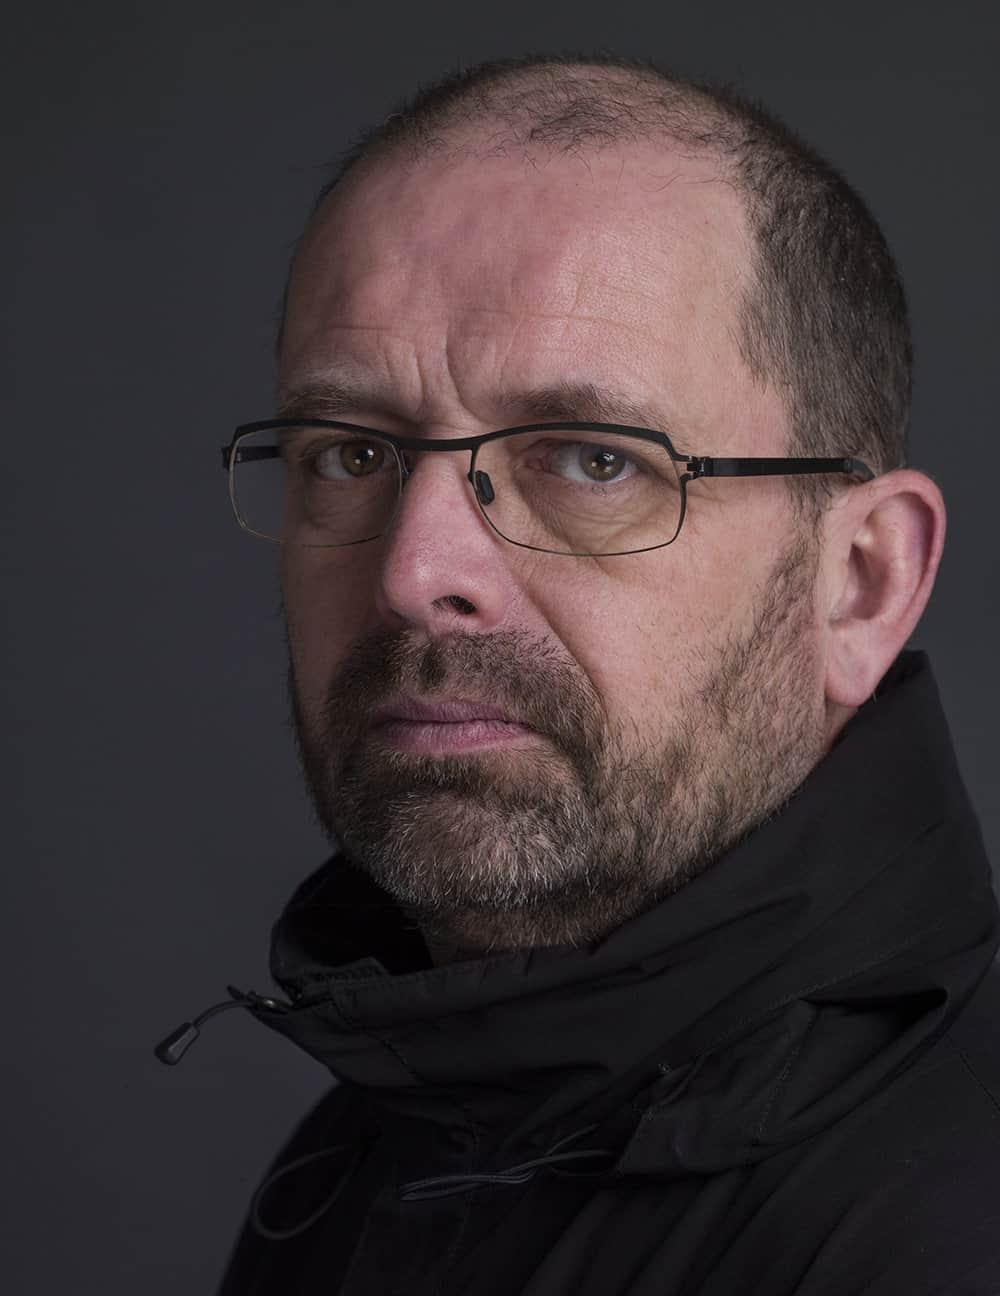 Marcel Molle foto Koos Breukel 2